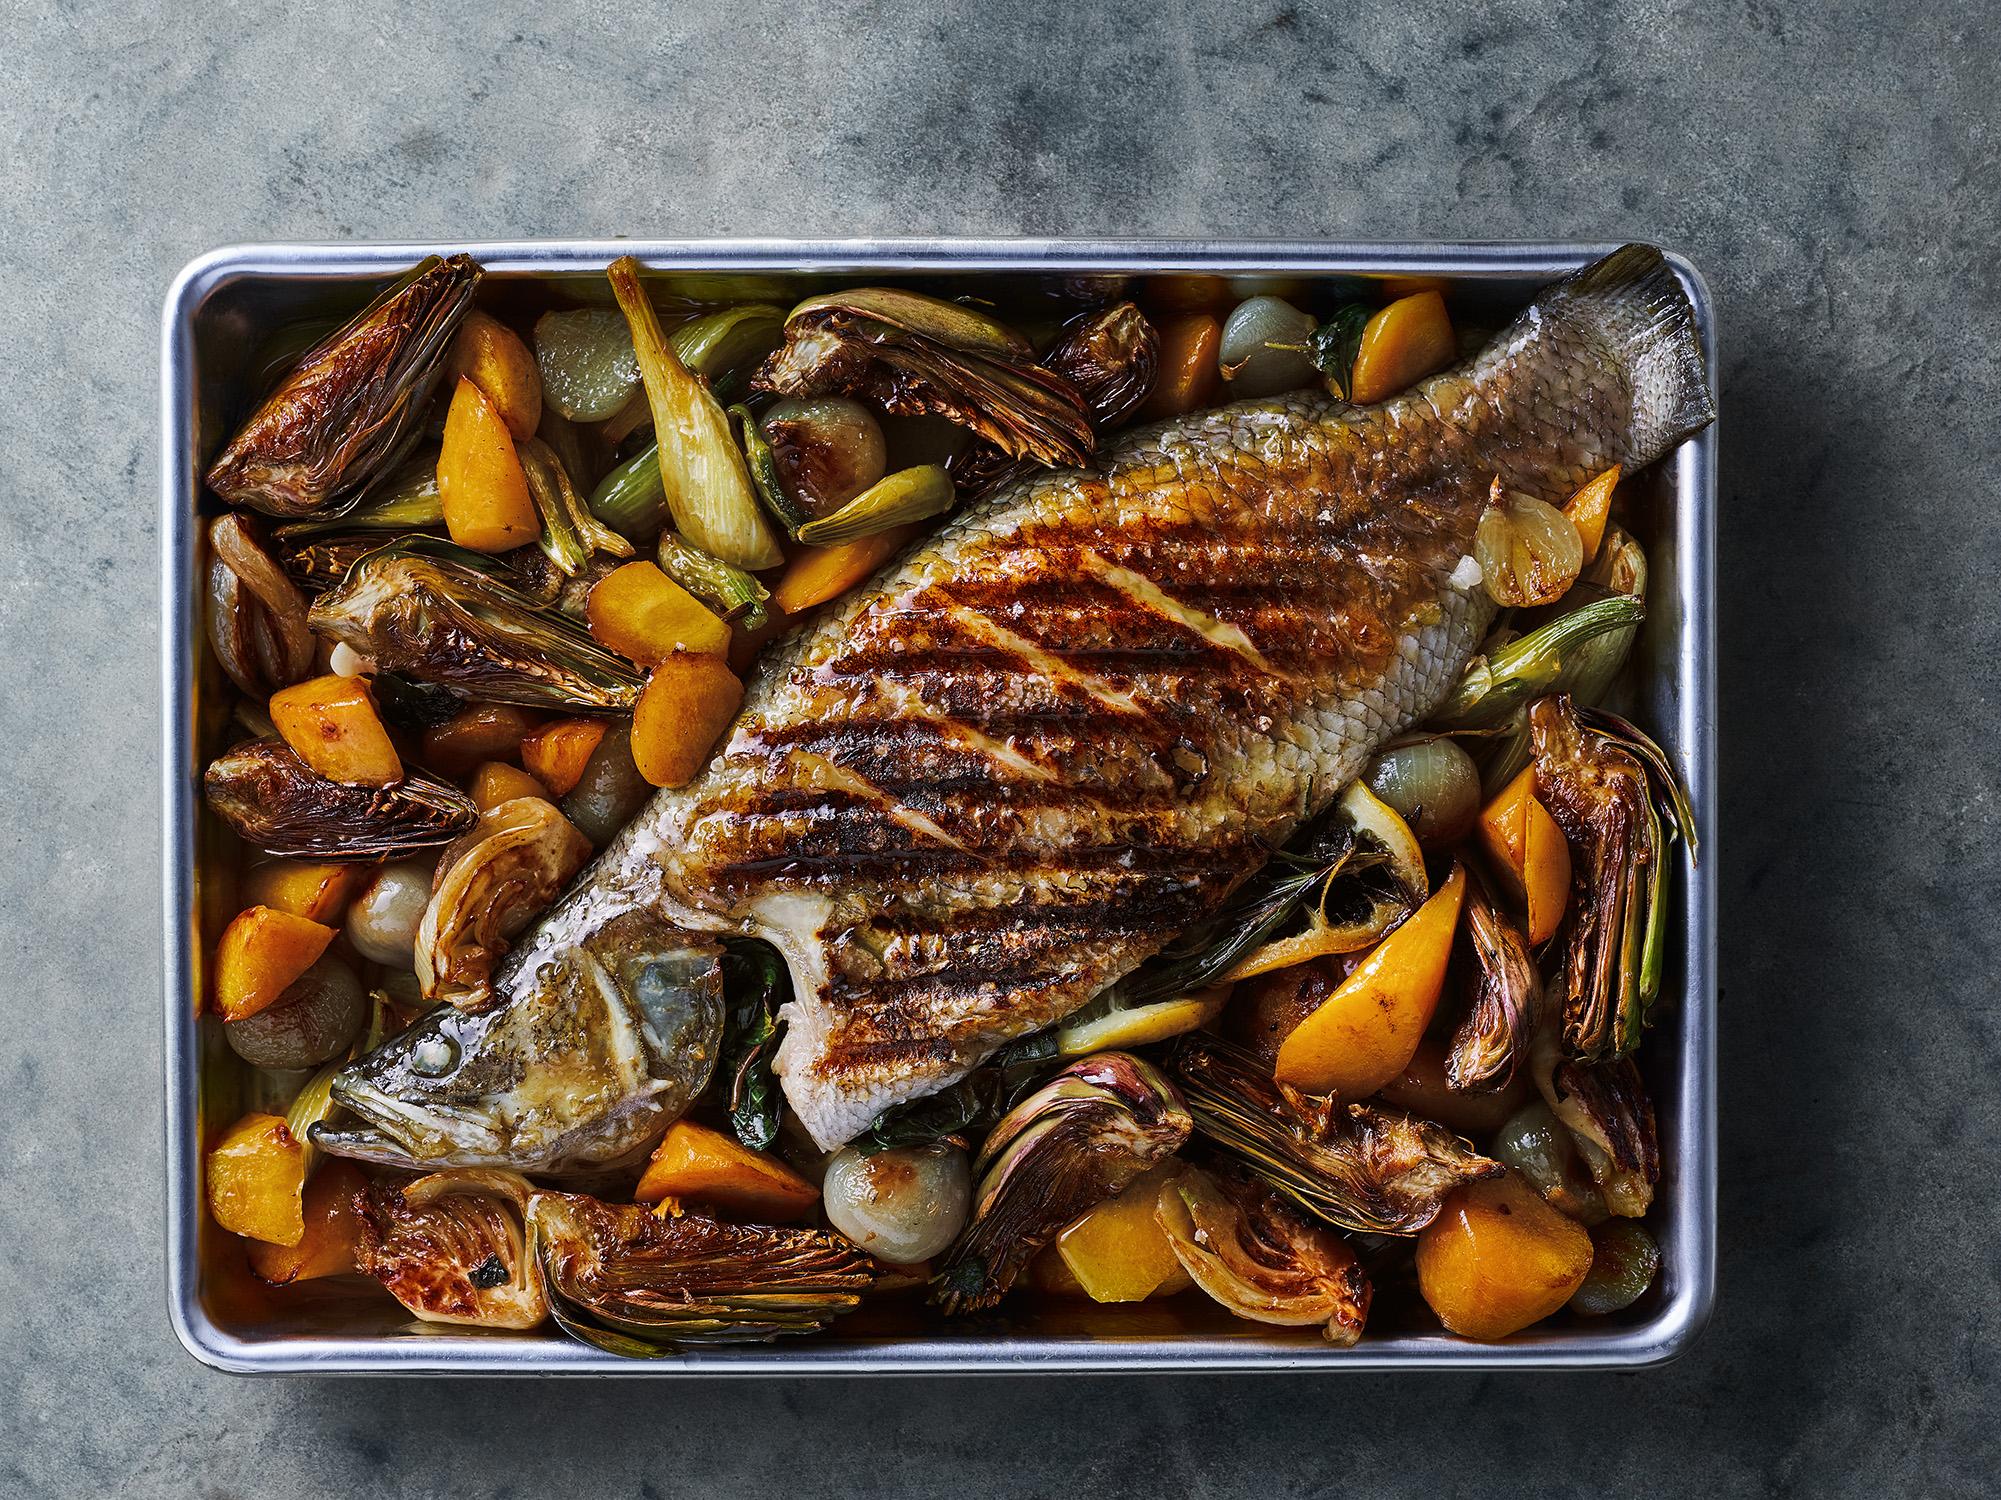 דג ברמונדי ישראלי שלם בתנור עם ארטישוק, גזרים ושומר ברוטב יין לבן